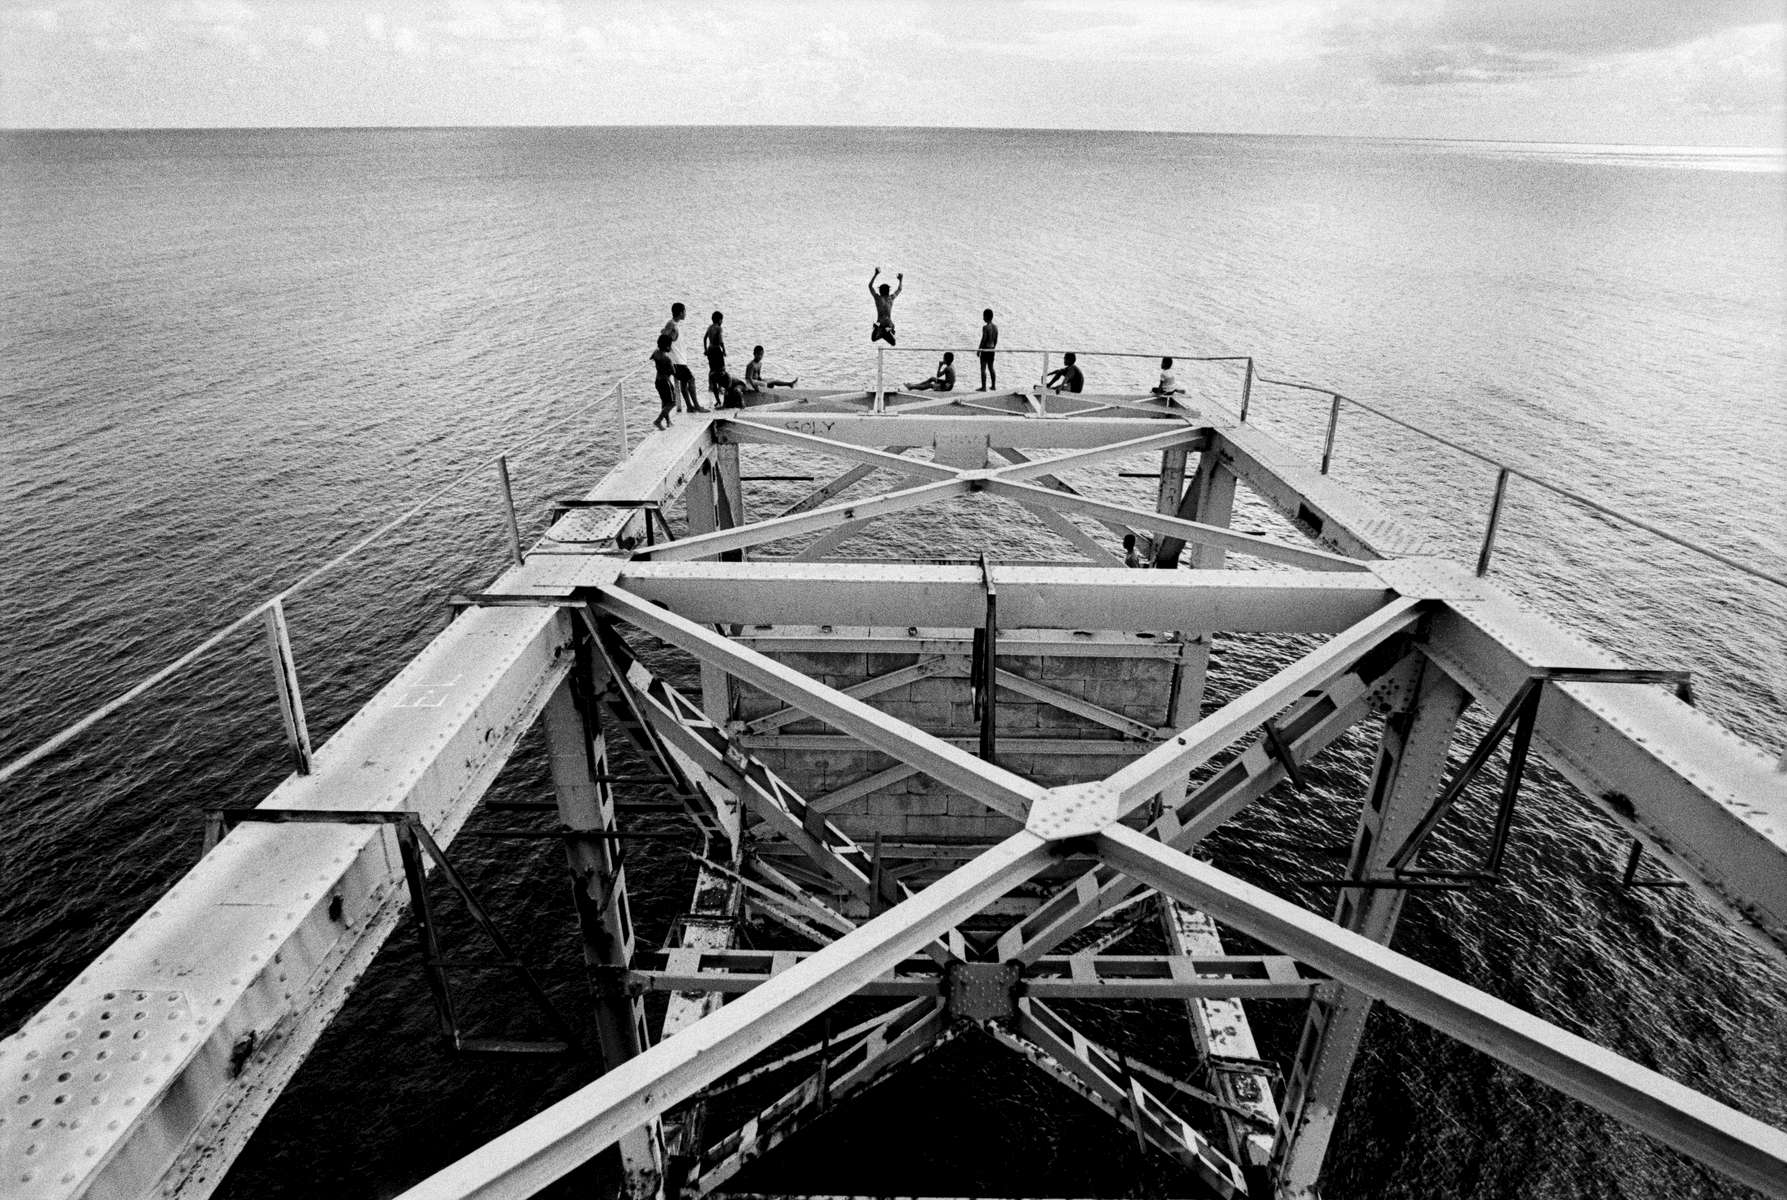 At high tide, children jumping off broken down loading docks, Republic of Nauru 2001